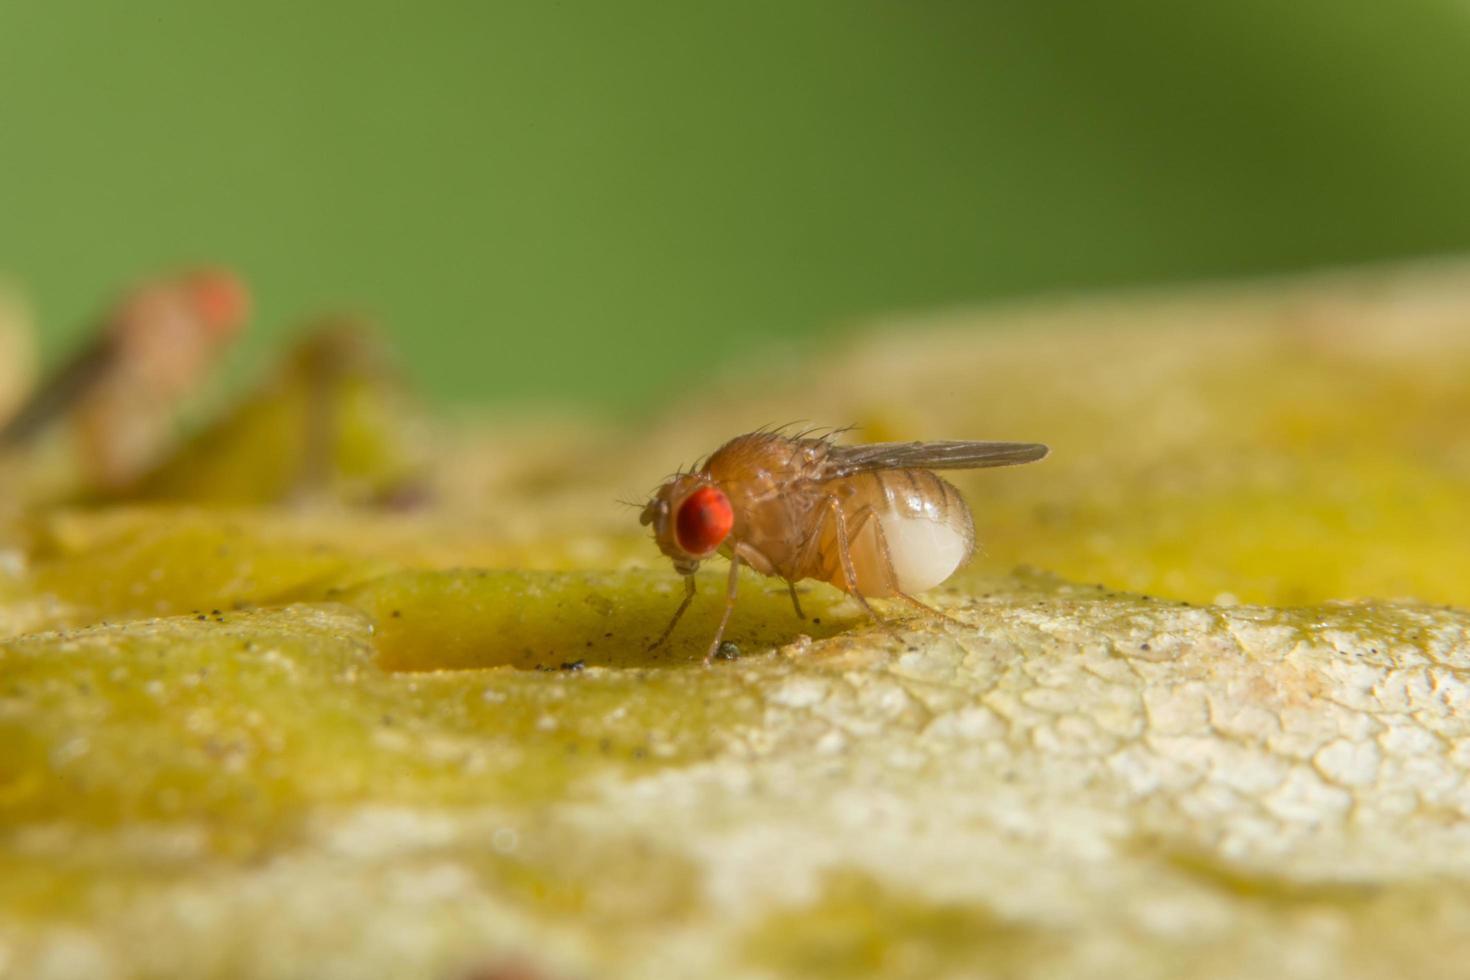 drosophila på en växt foto